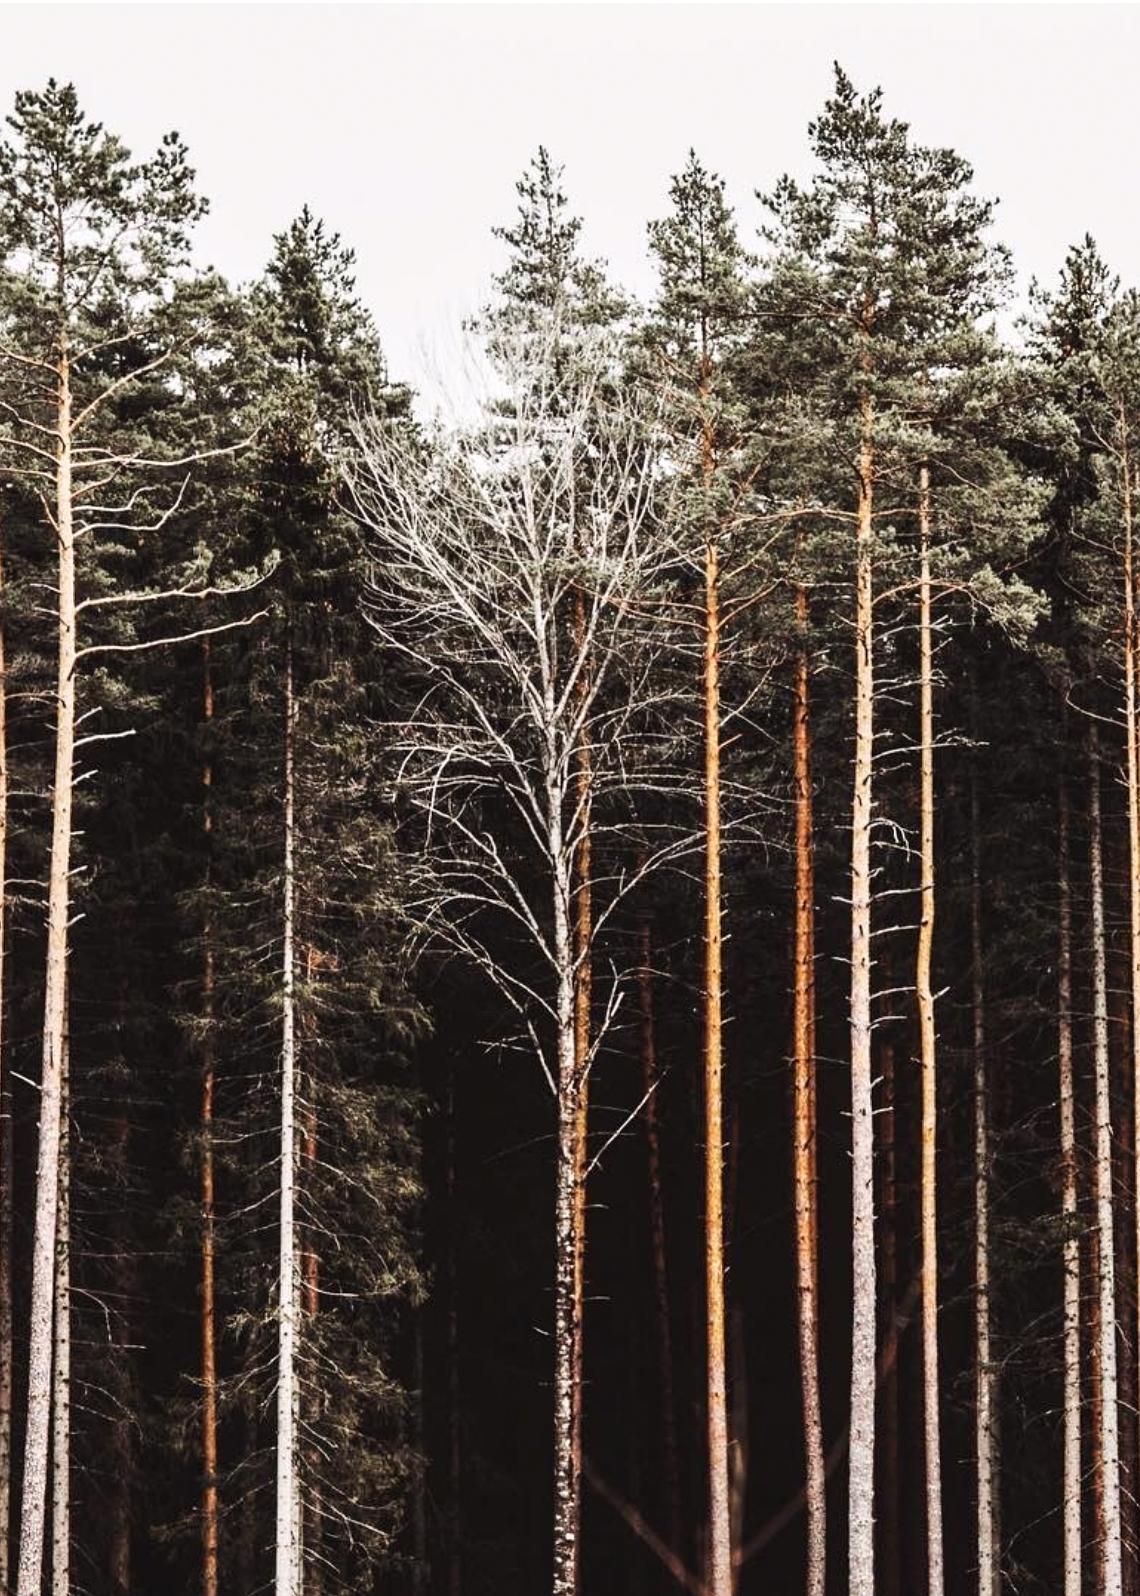 April 17th - Tall, skinny trees